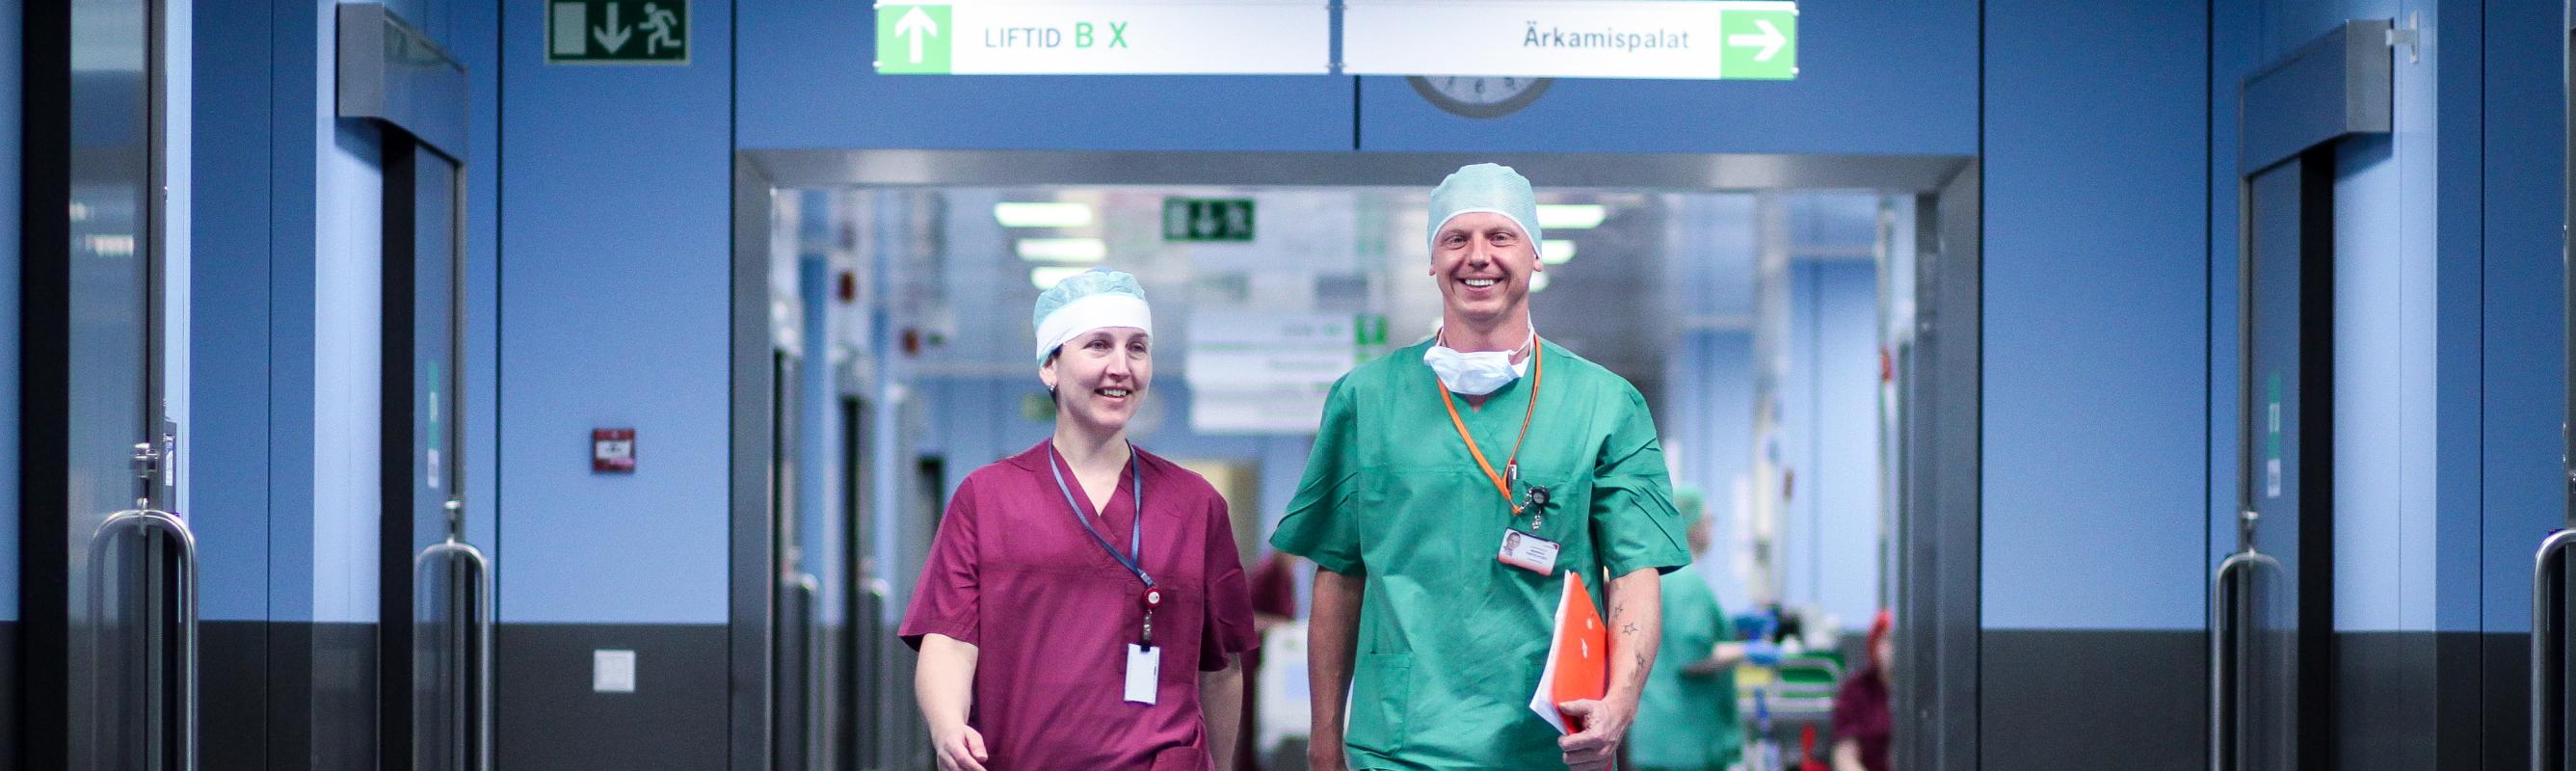 Operatsioonikeskuse õendusjuht Kai Slet ja anestesioloog dr Markko Pärtelpoeg